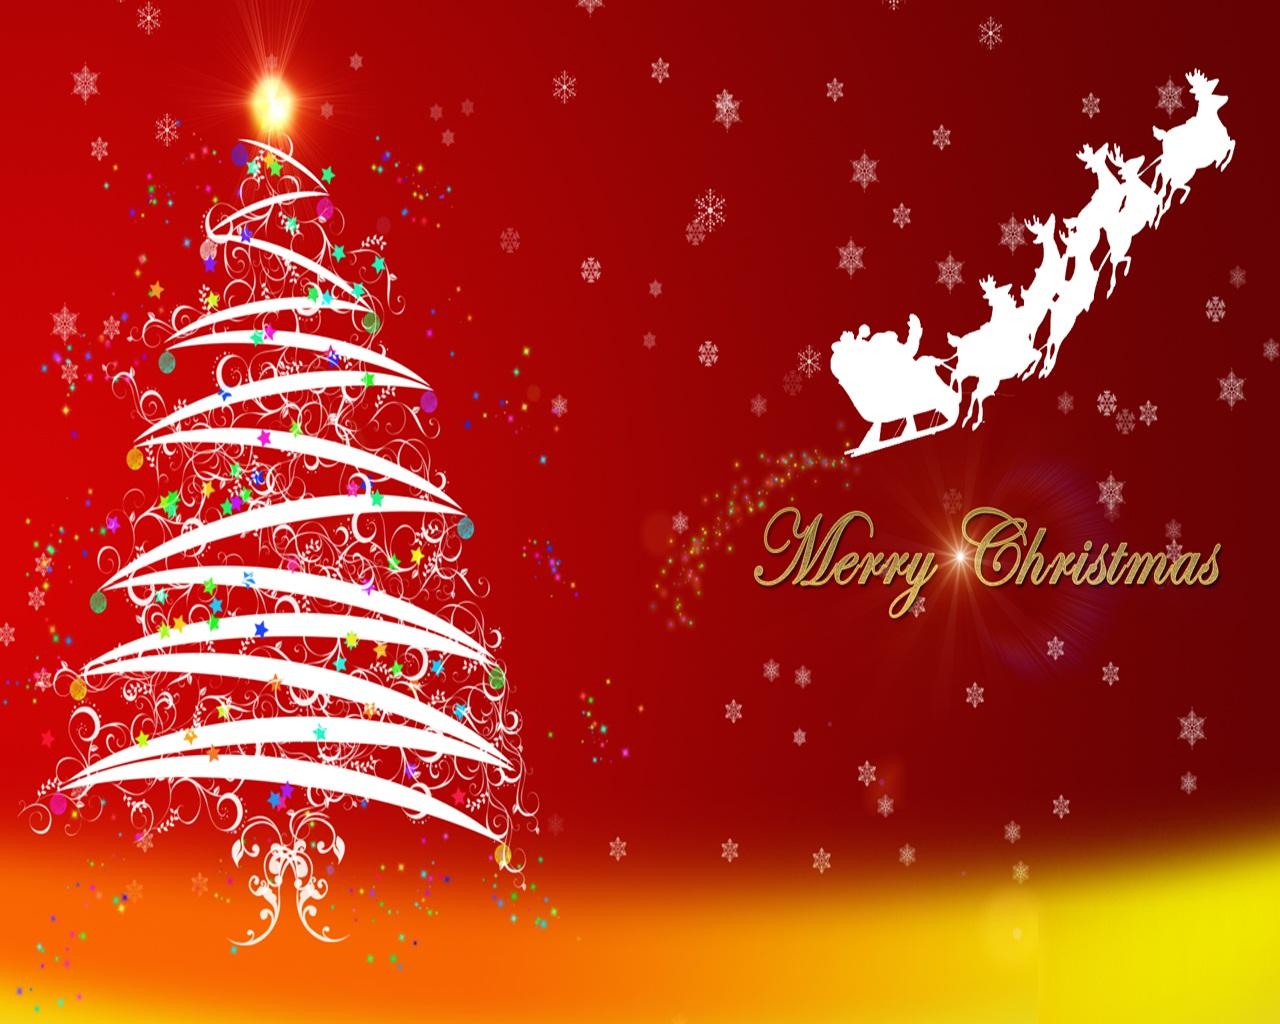 Beautiful Christmas Desktop Wallpapers - WallpaperSafari